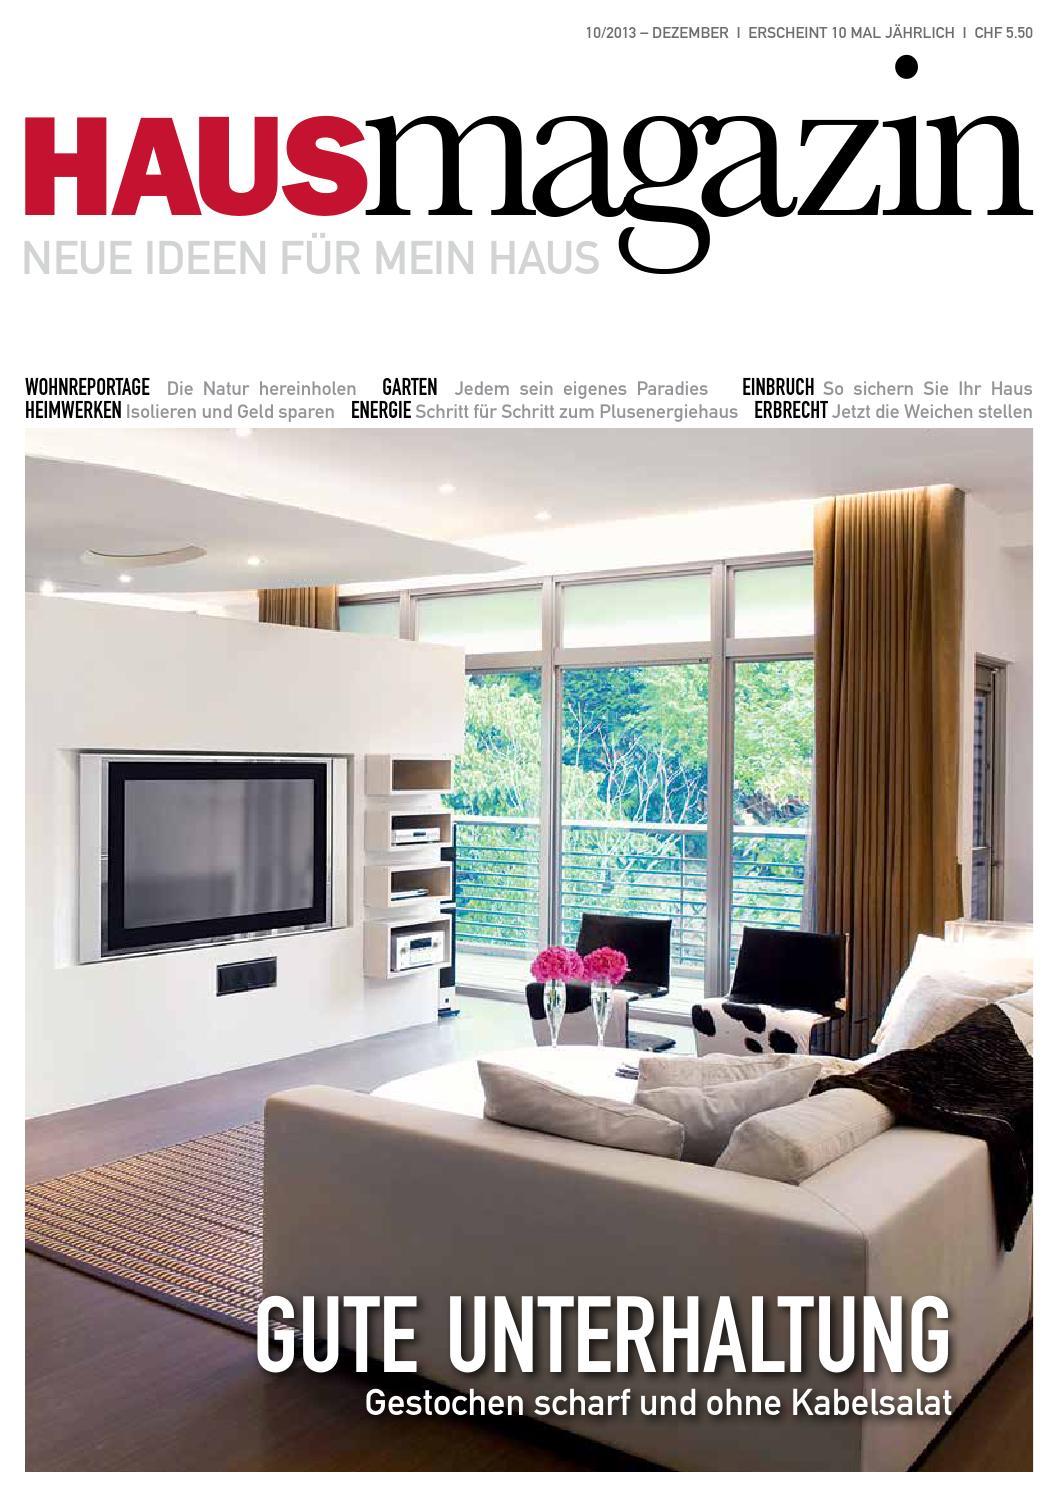 Hausmagazin Dezember 2013 by HAUS MAGAZIN - issuu